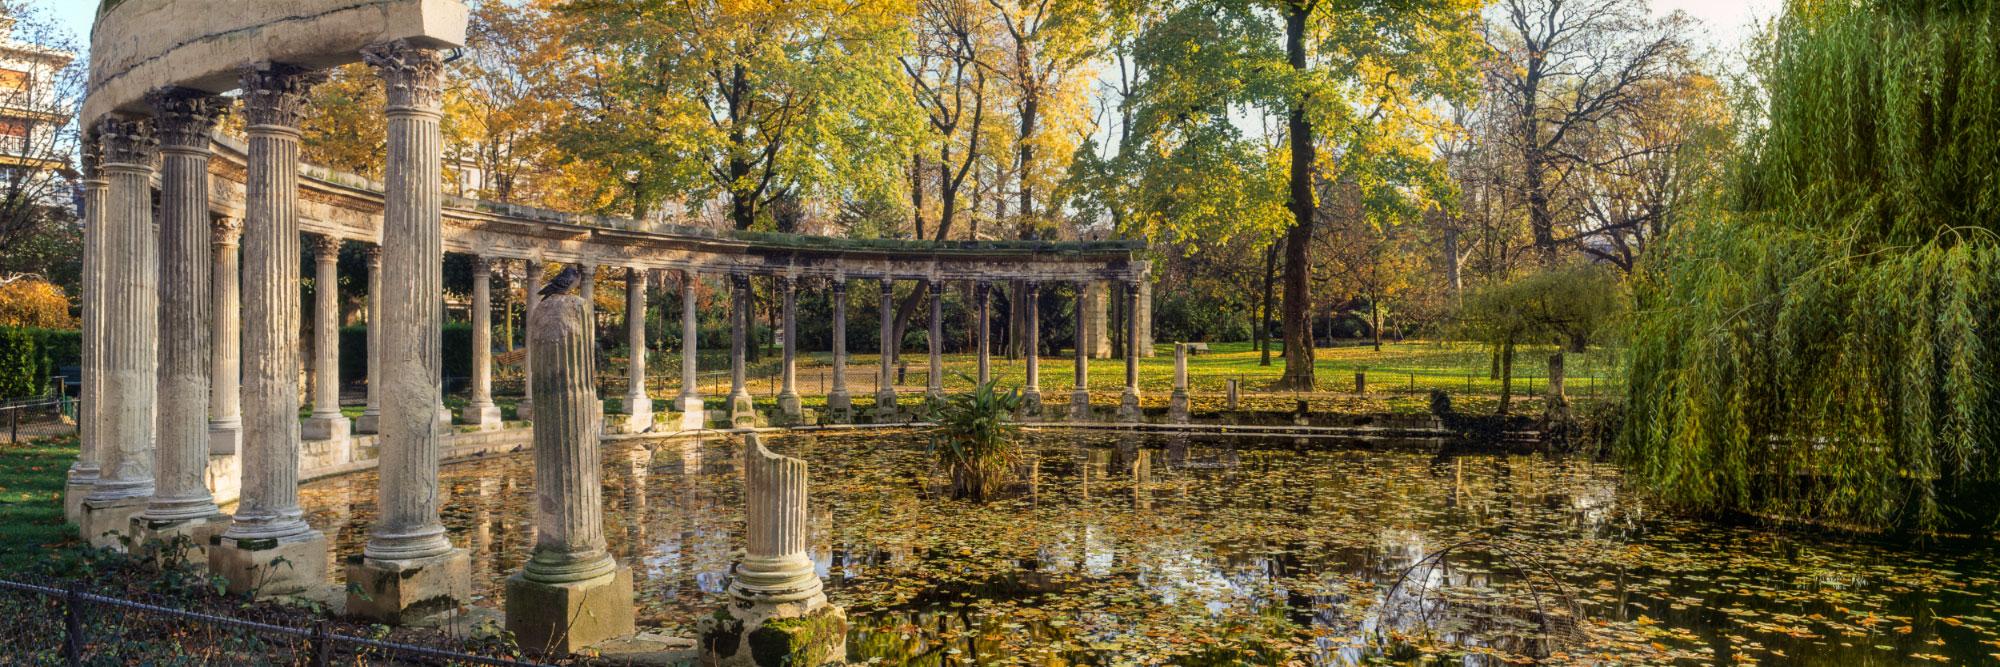 Parc Monceau